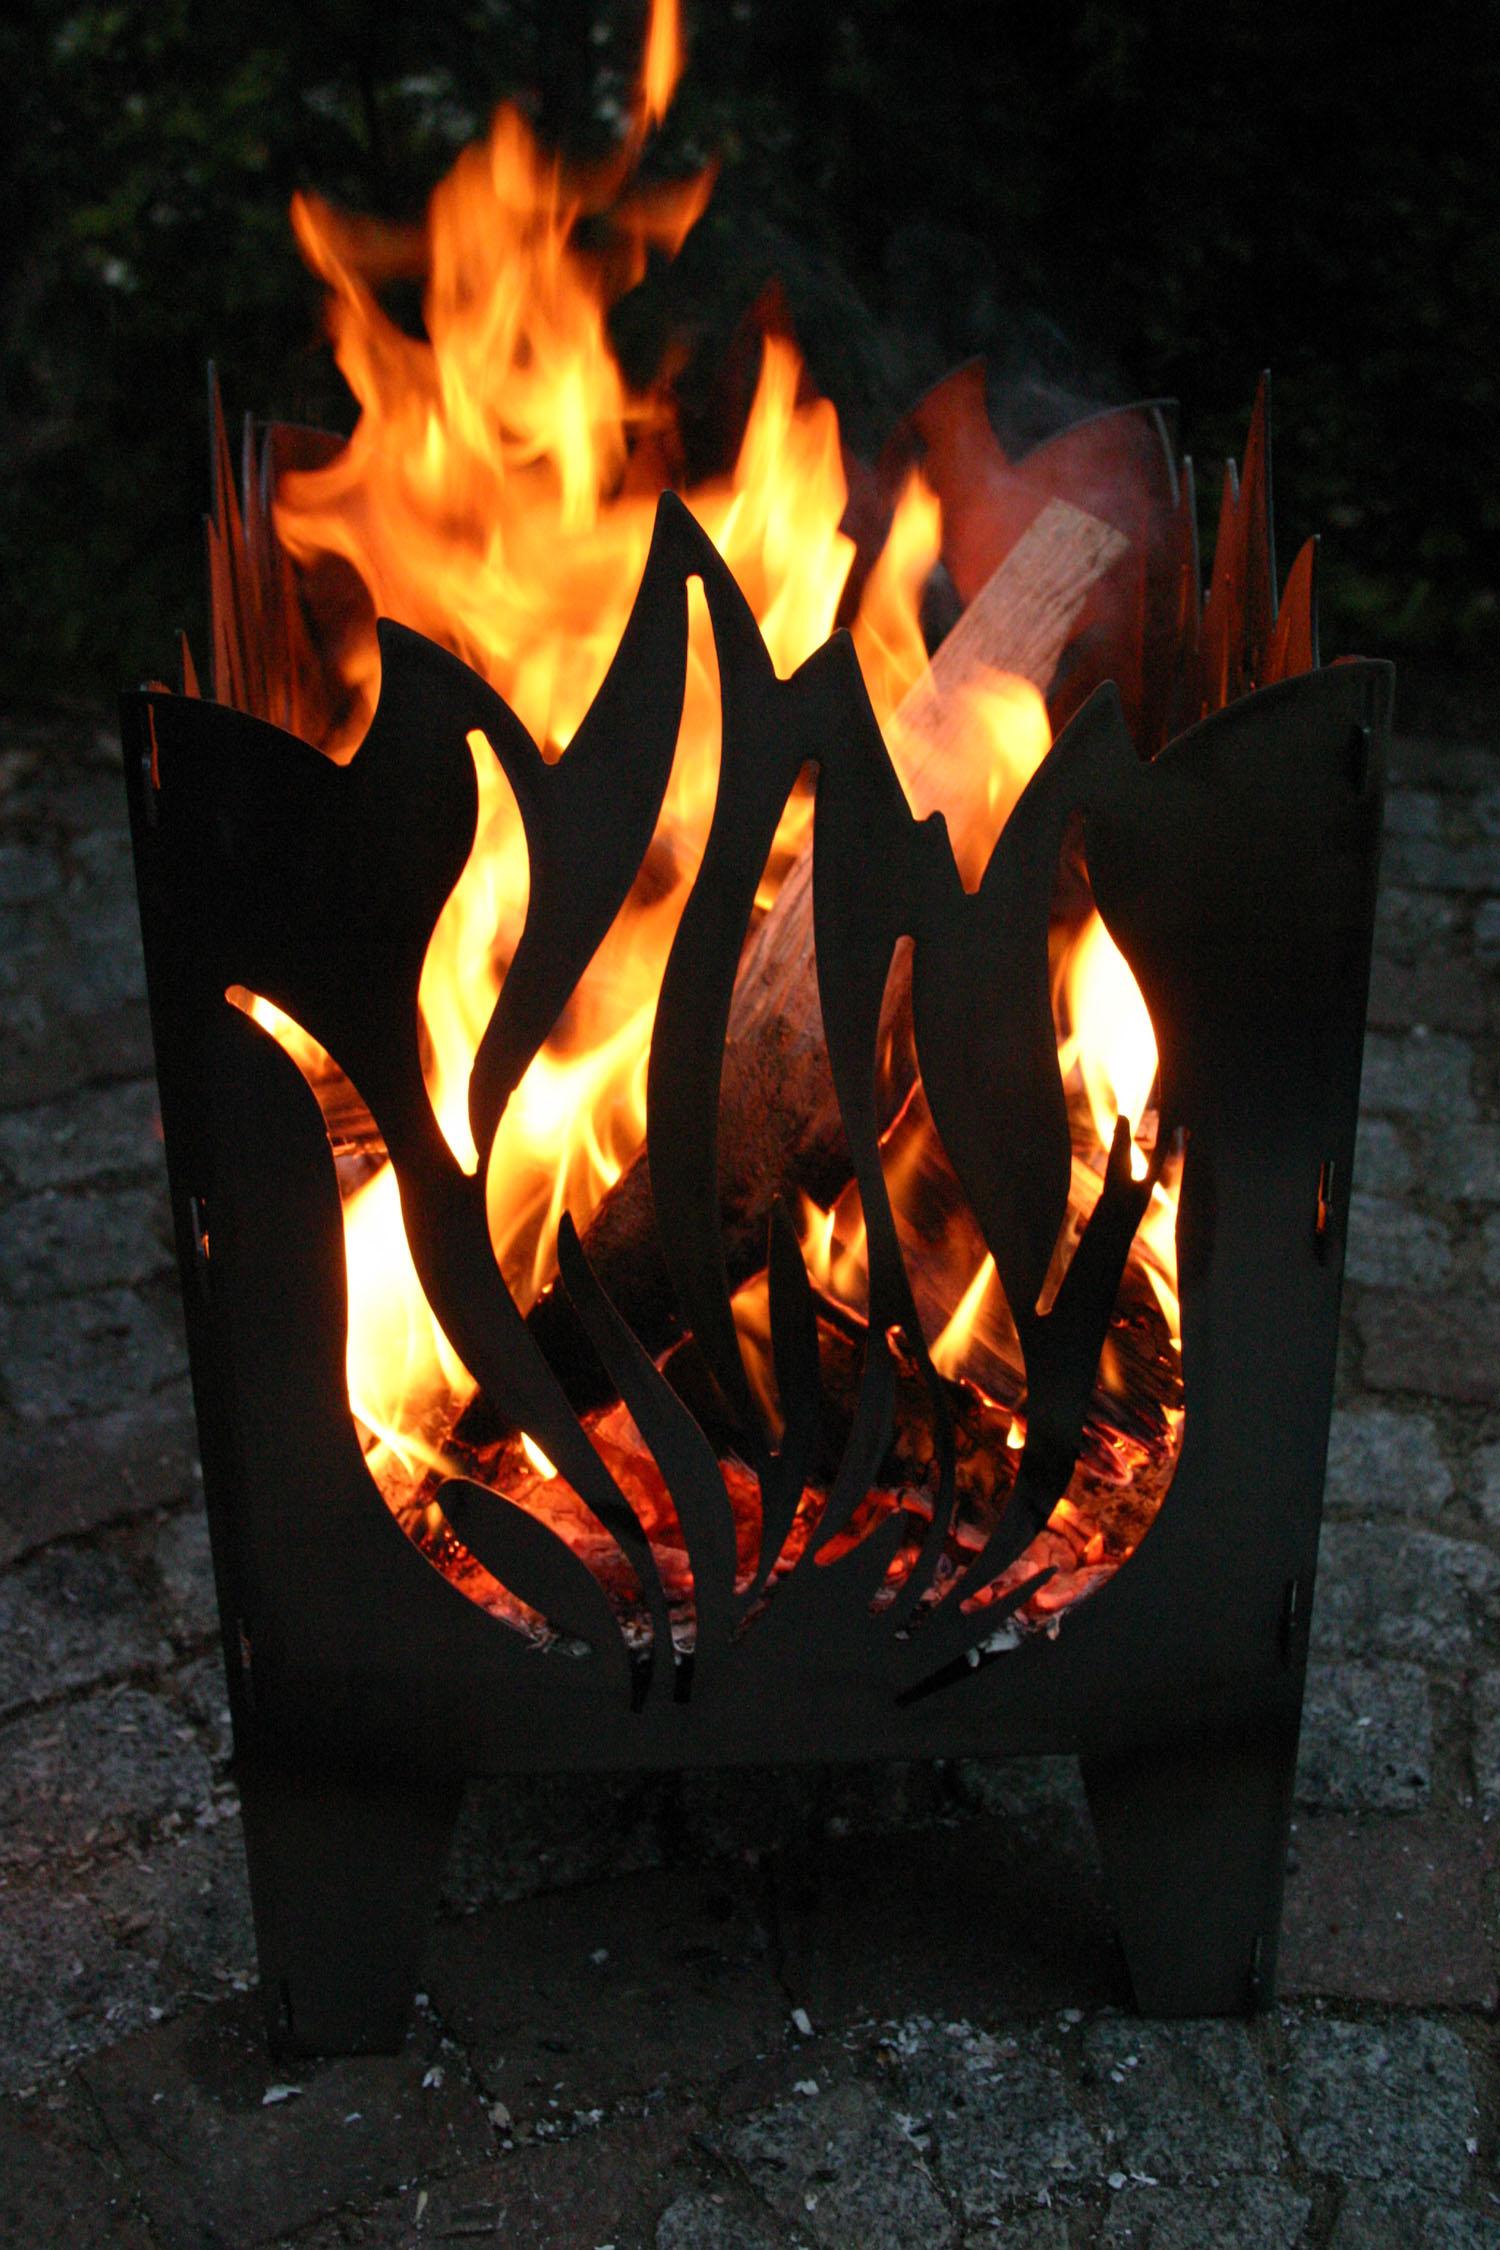 schnelle lieferung des svenskav feuerkorb flamme l 2027. Black Bedroom Furniture Sets. Home Design Ideas